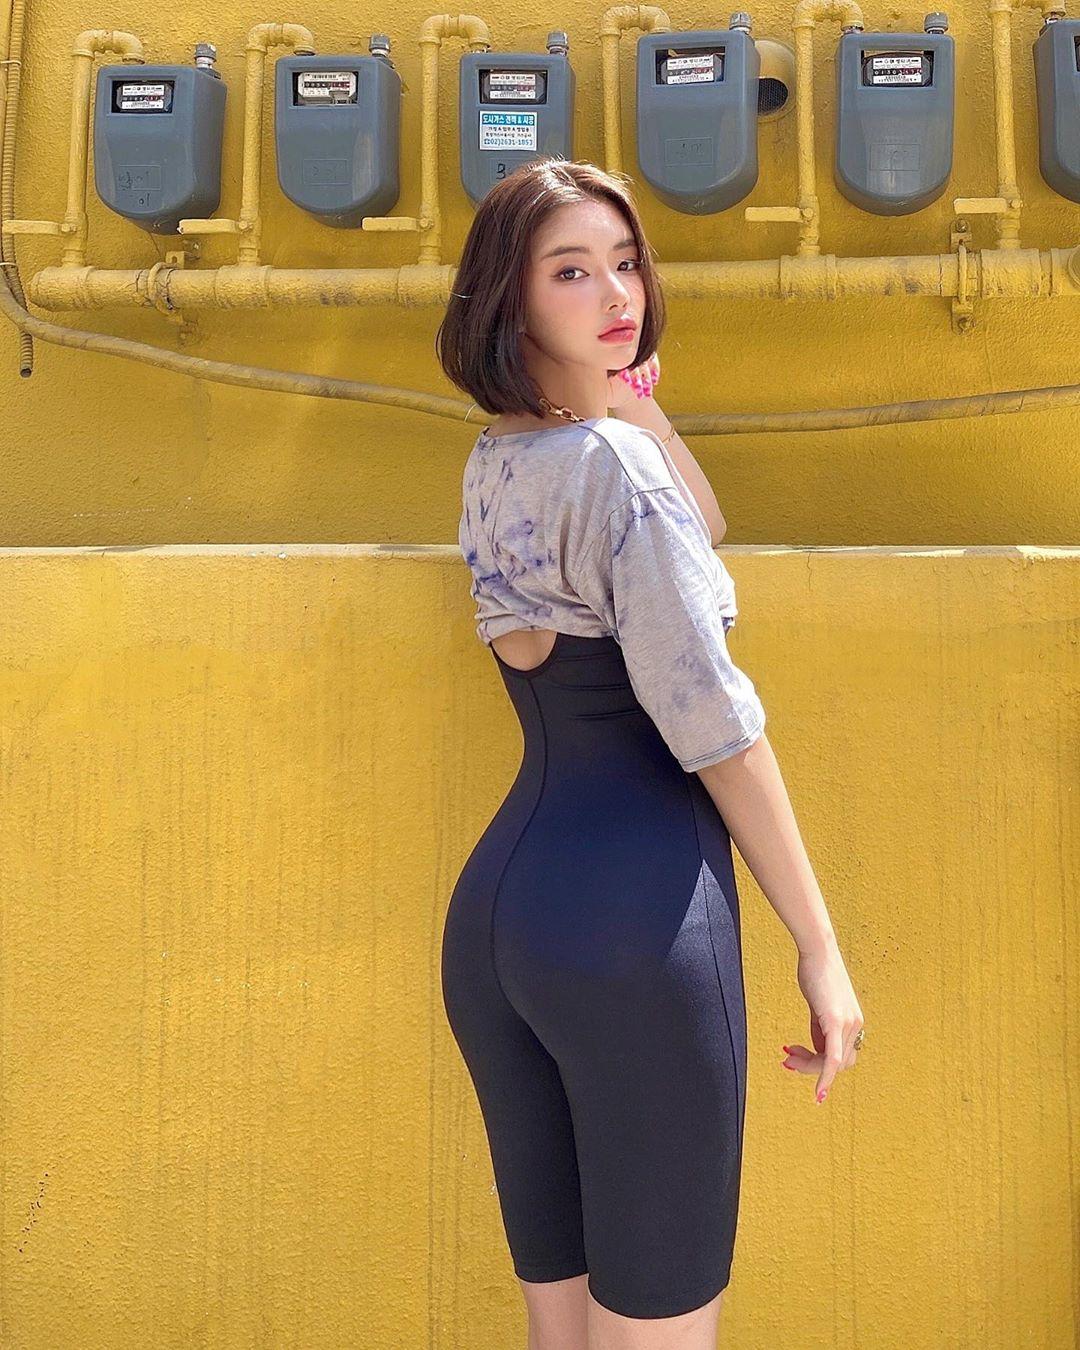 Nữ giám đốc có hình xăm thoắt ẩn hiện ở bụng mê trang phục khoe body - 3